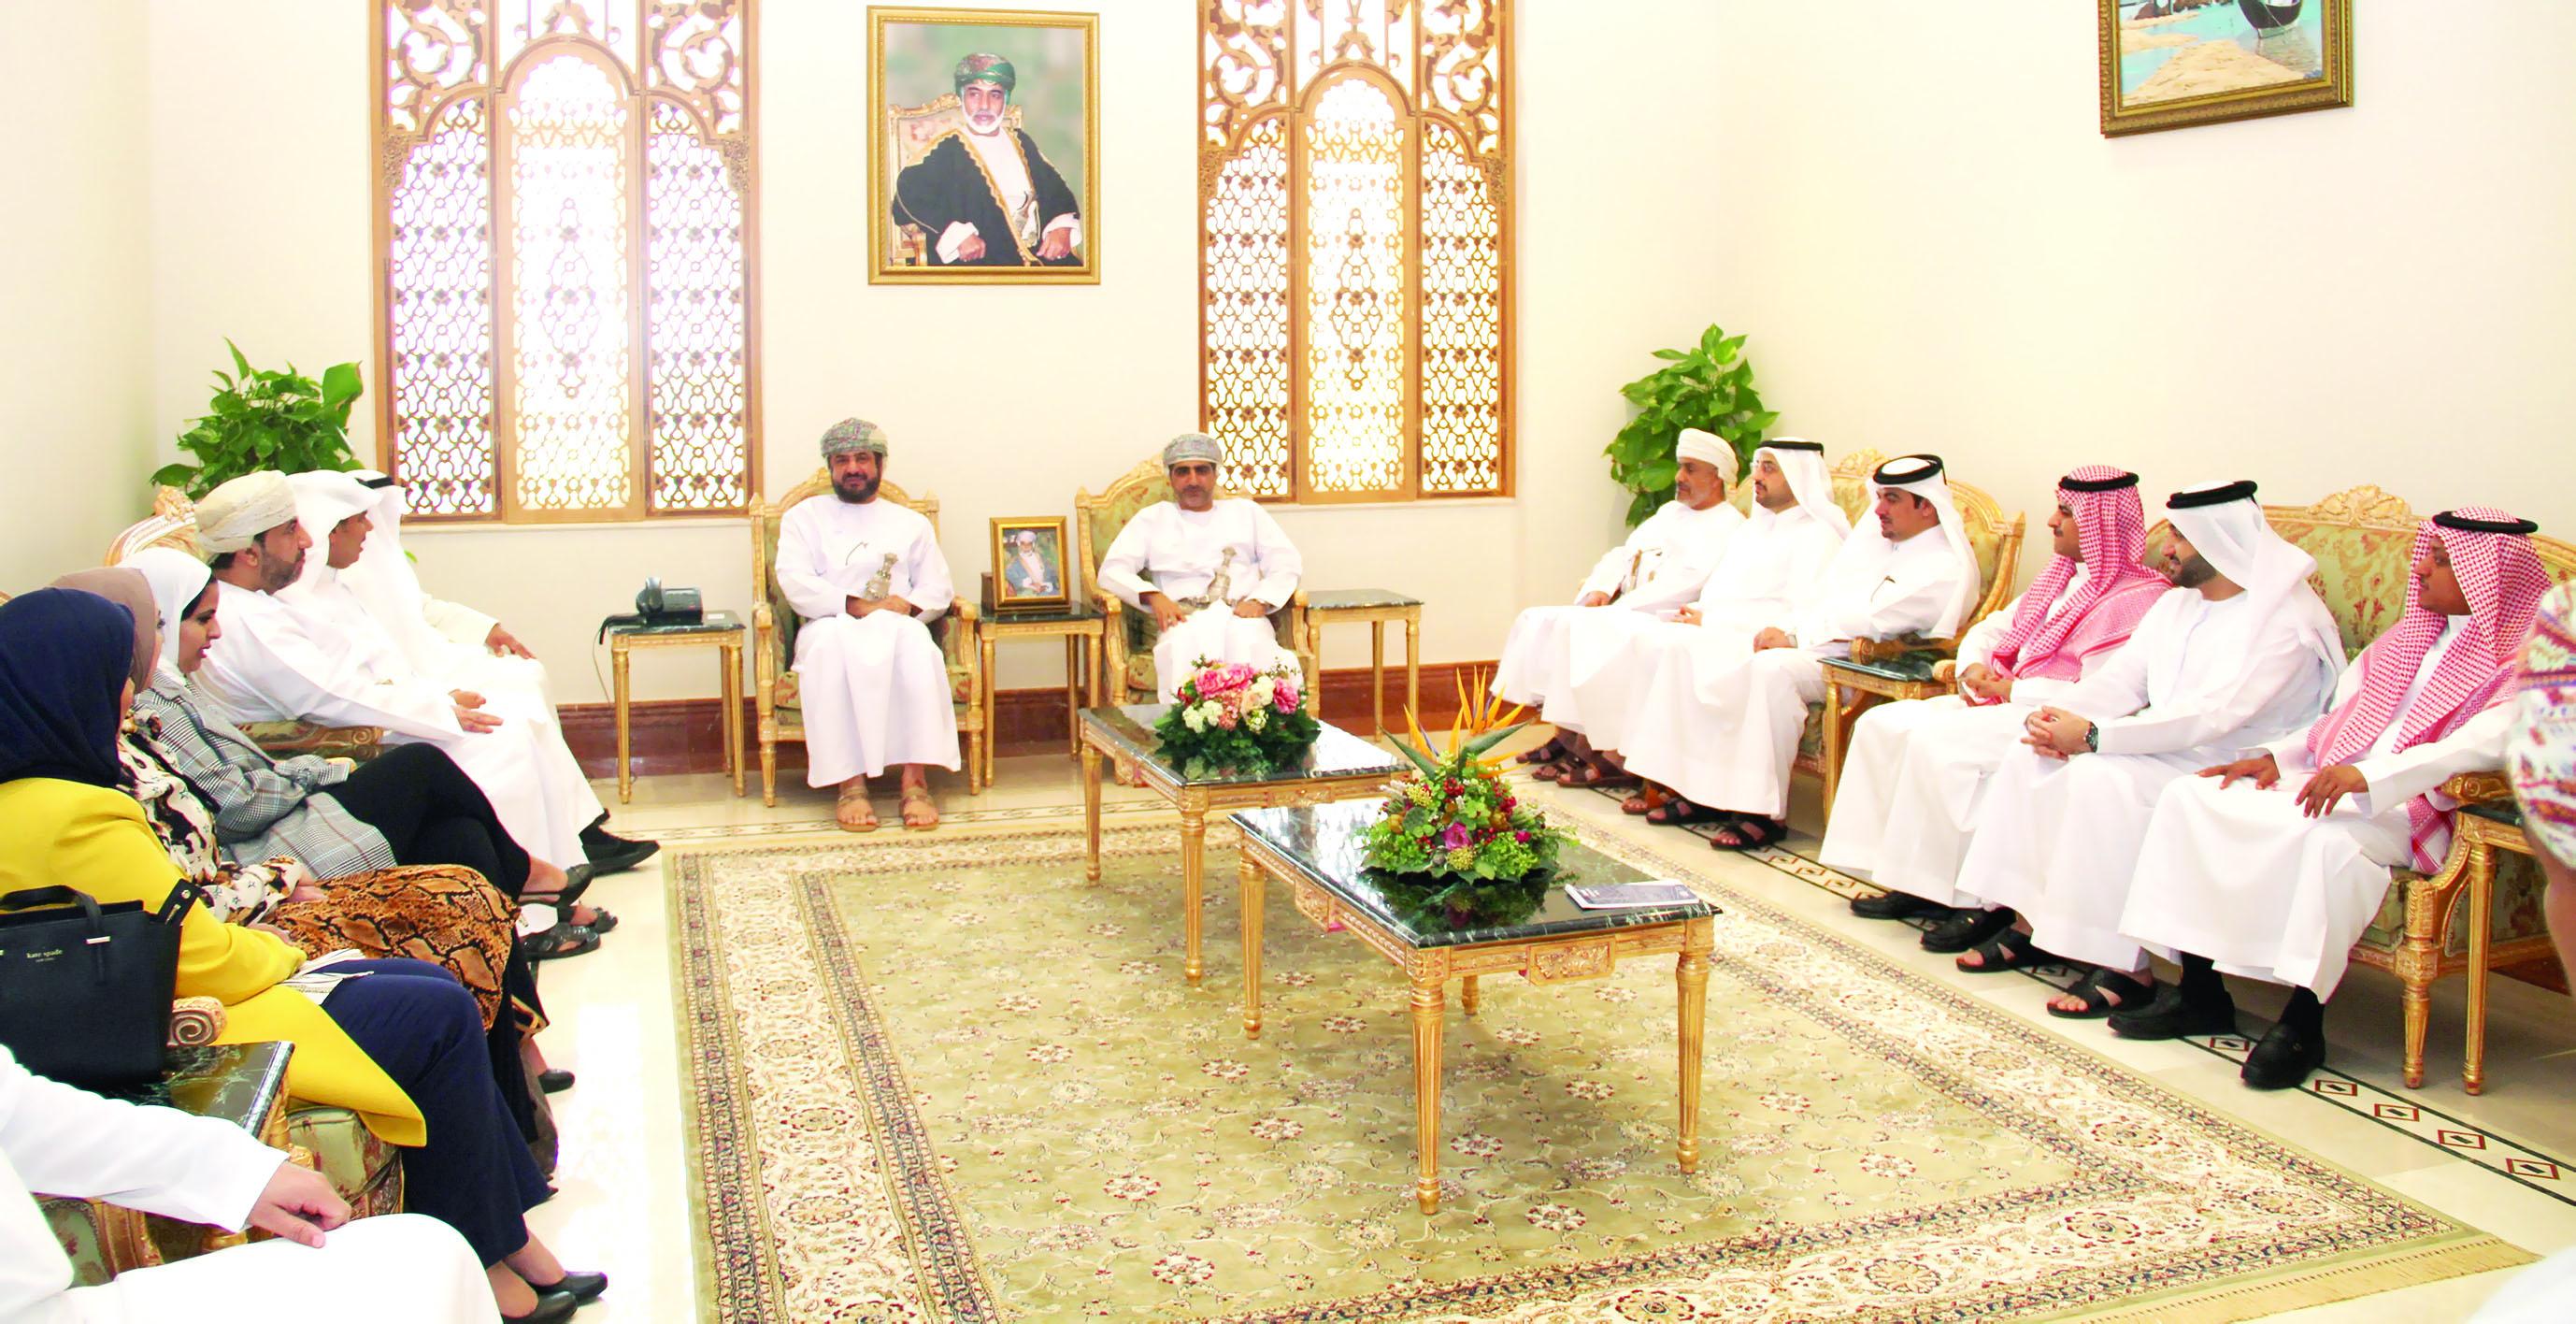 المرهون يستقبل لجنة شؤون الخدمة المدنية بمجلس التعاون